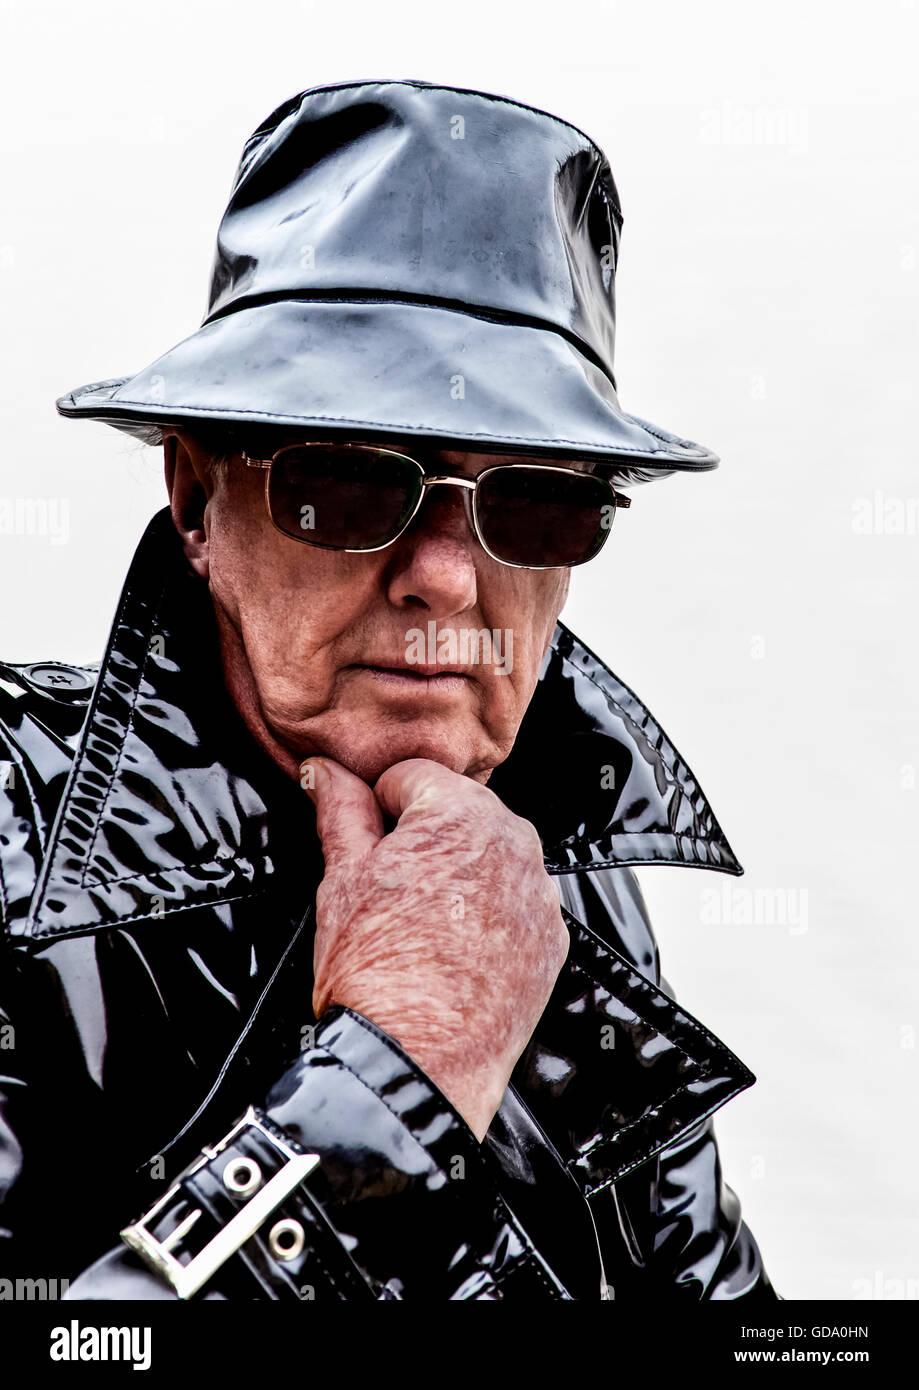 Menacing man in black pvc raincoat - Stock Image